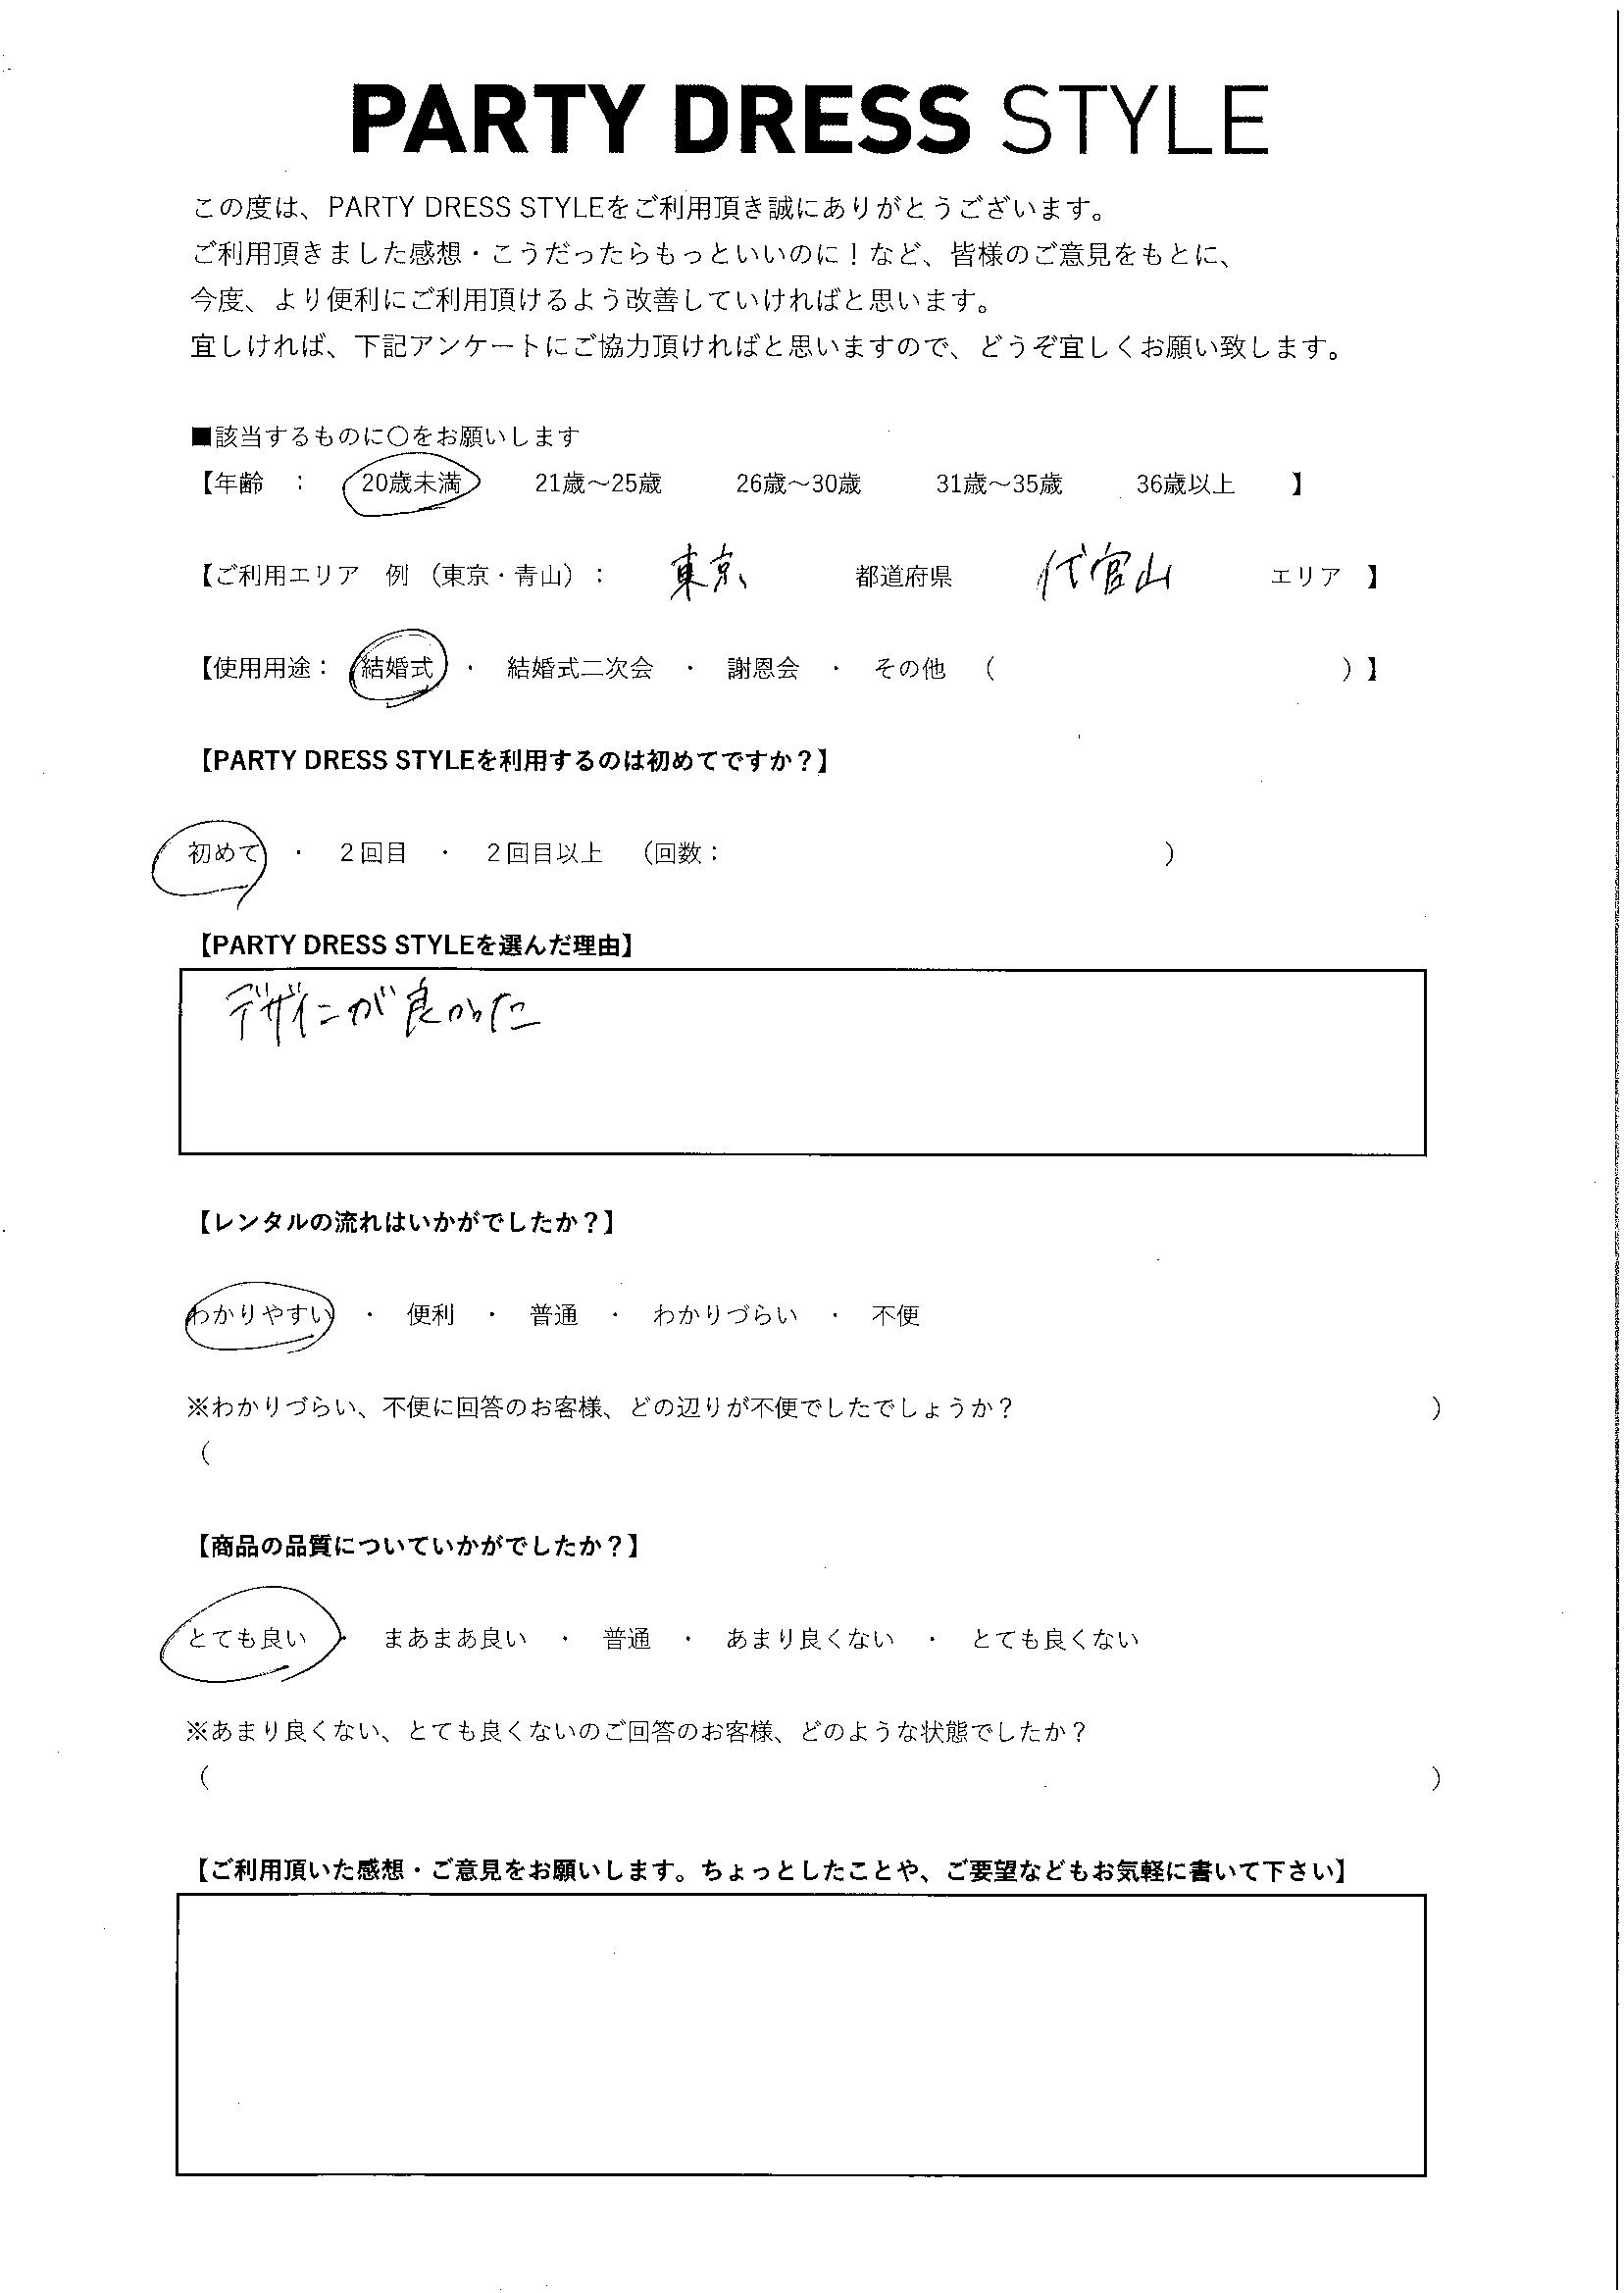 2/6結婚式ご利用 東京・代官山エリア